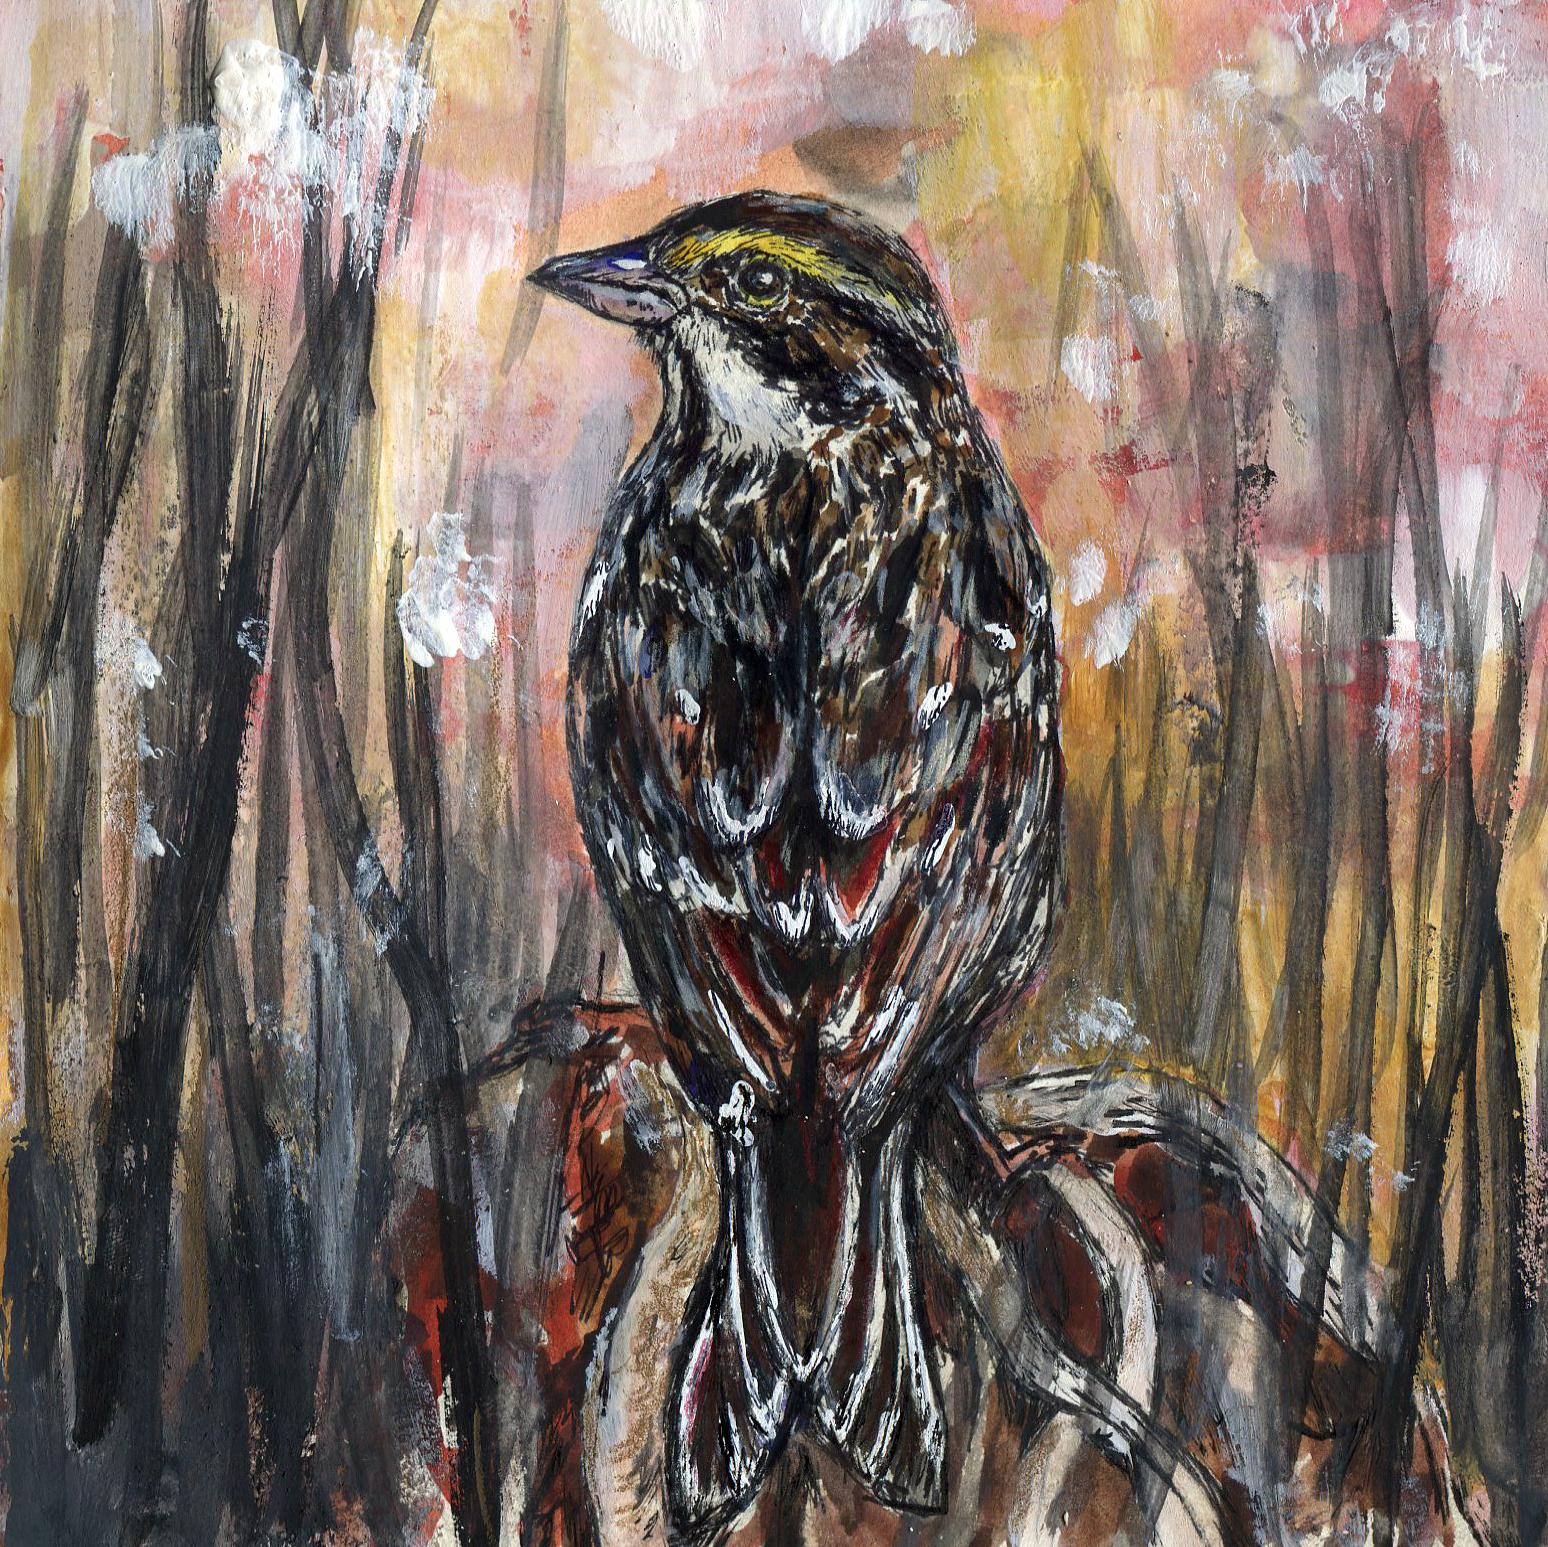 6. Savannah Sparrow